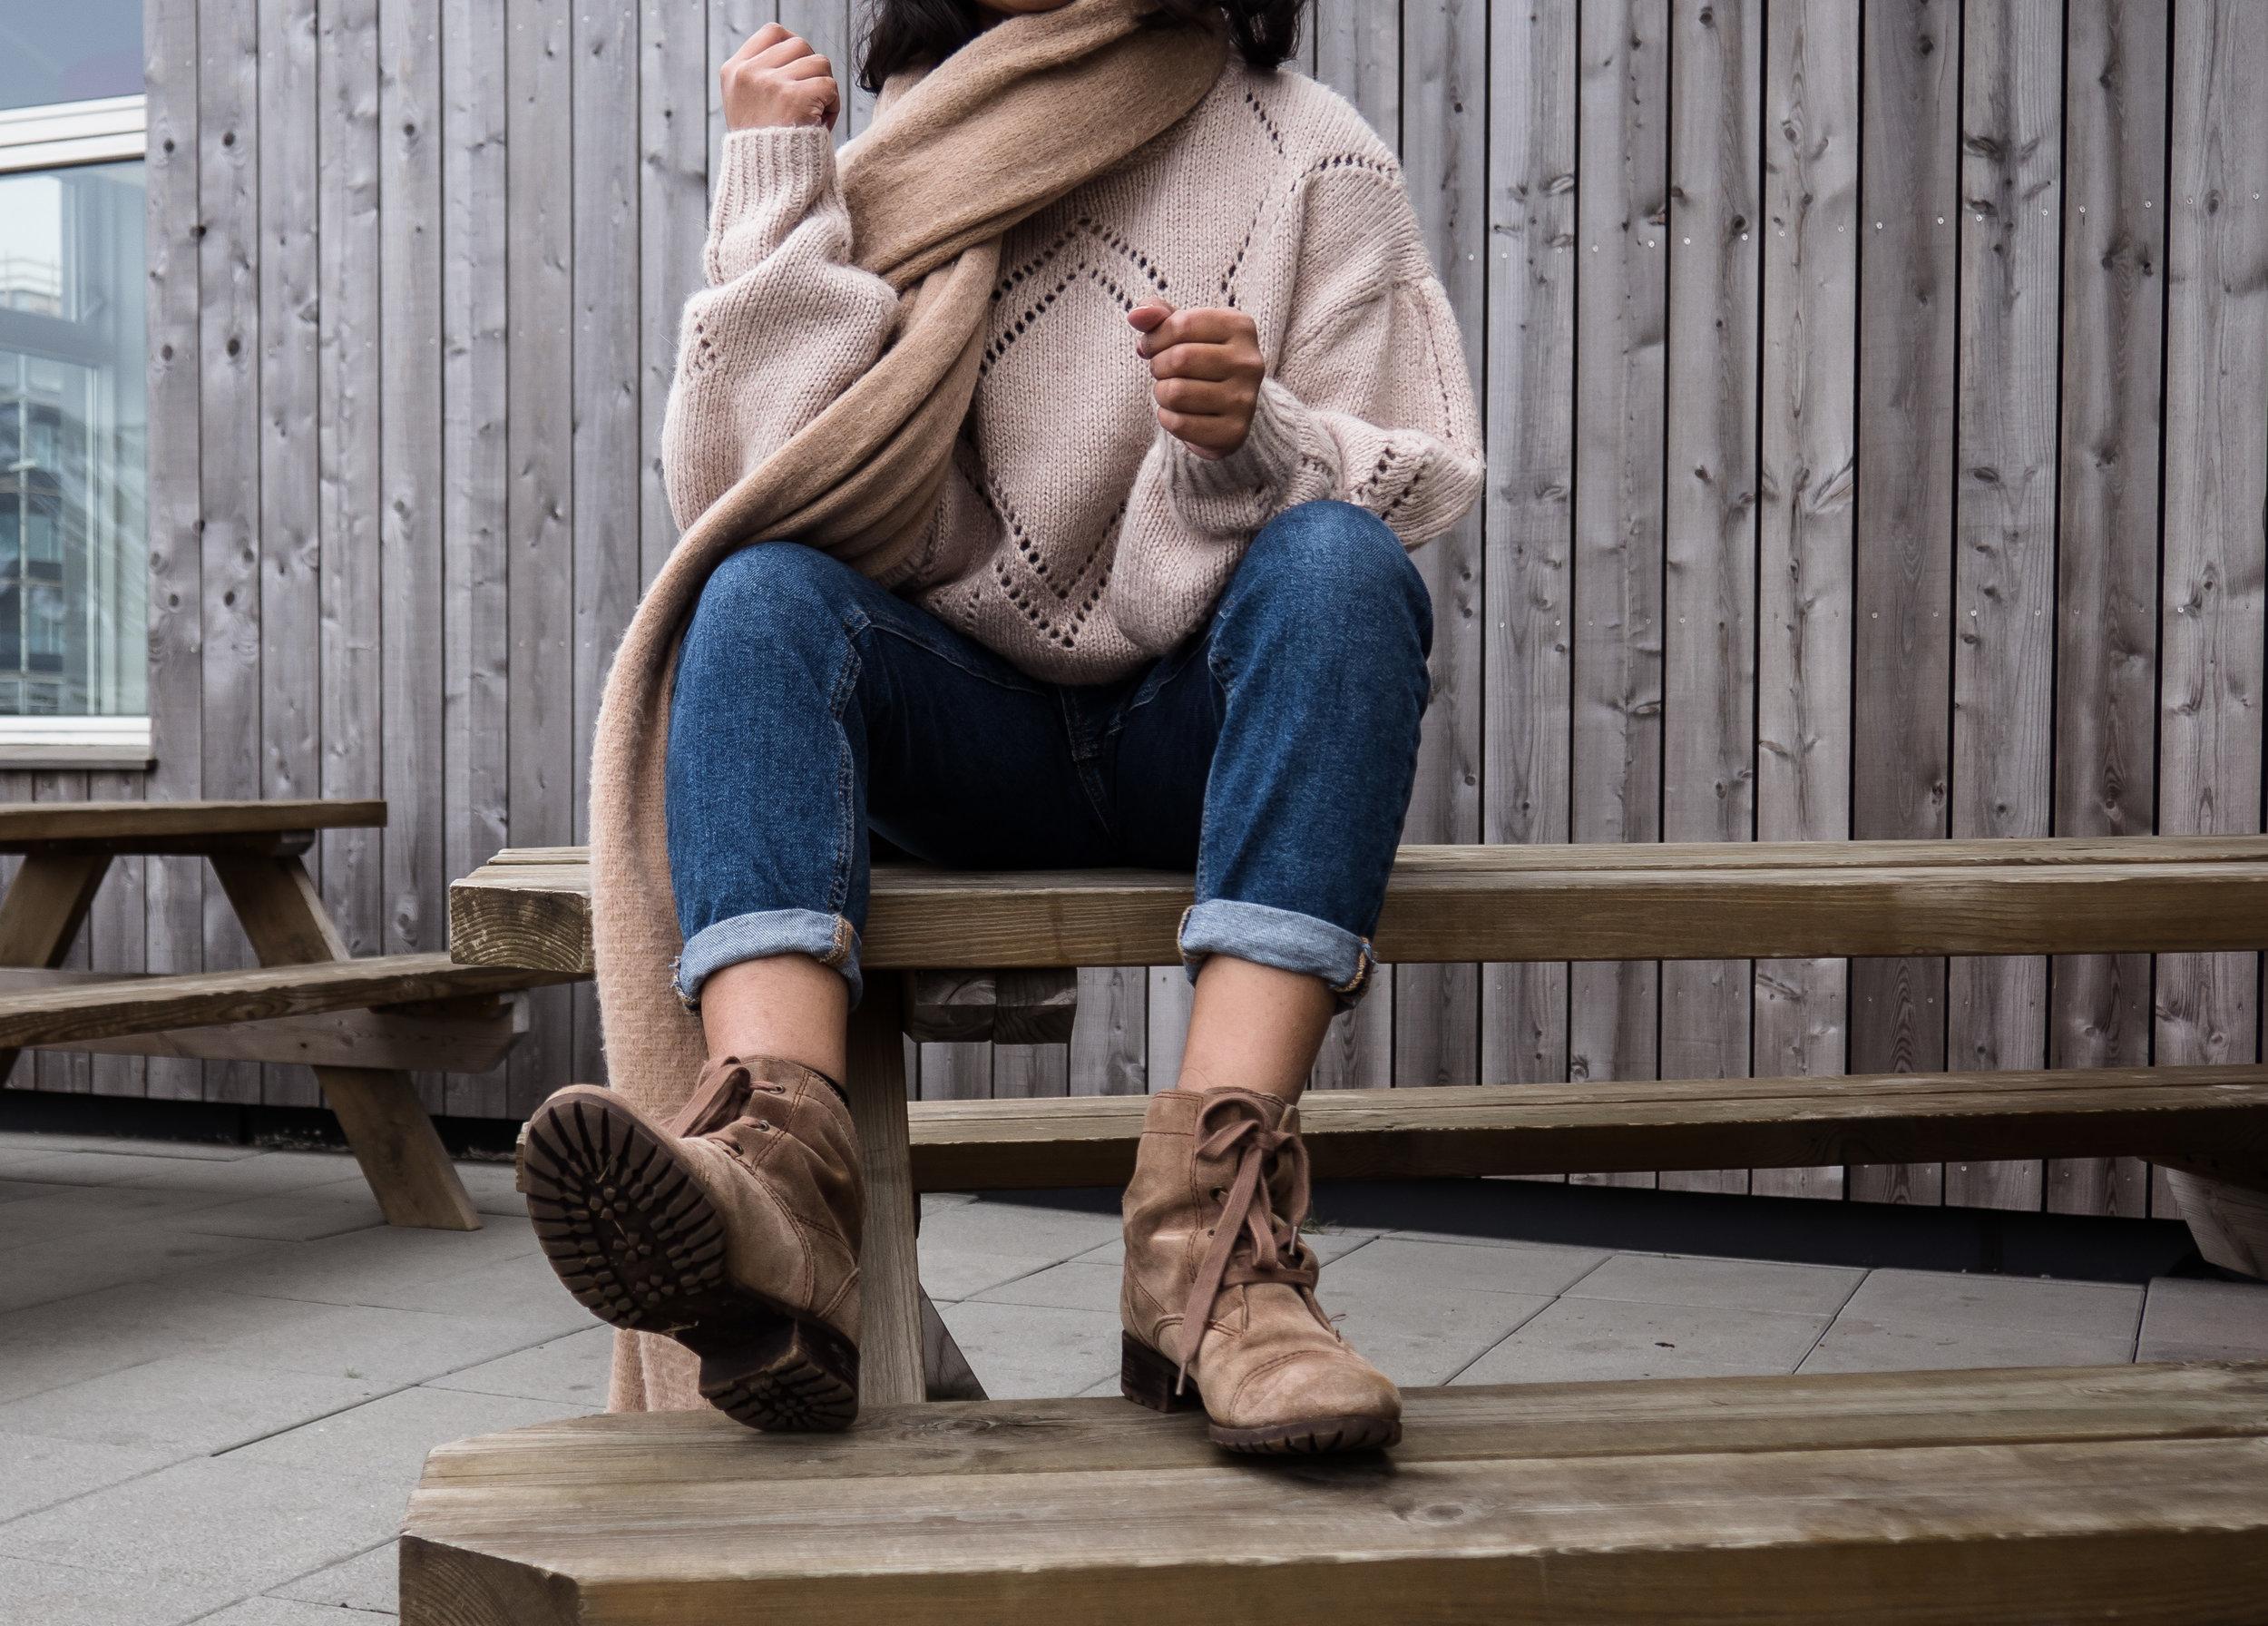 Wool Sweater in Styykisholmer-18.jpg